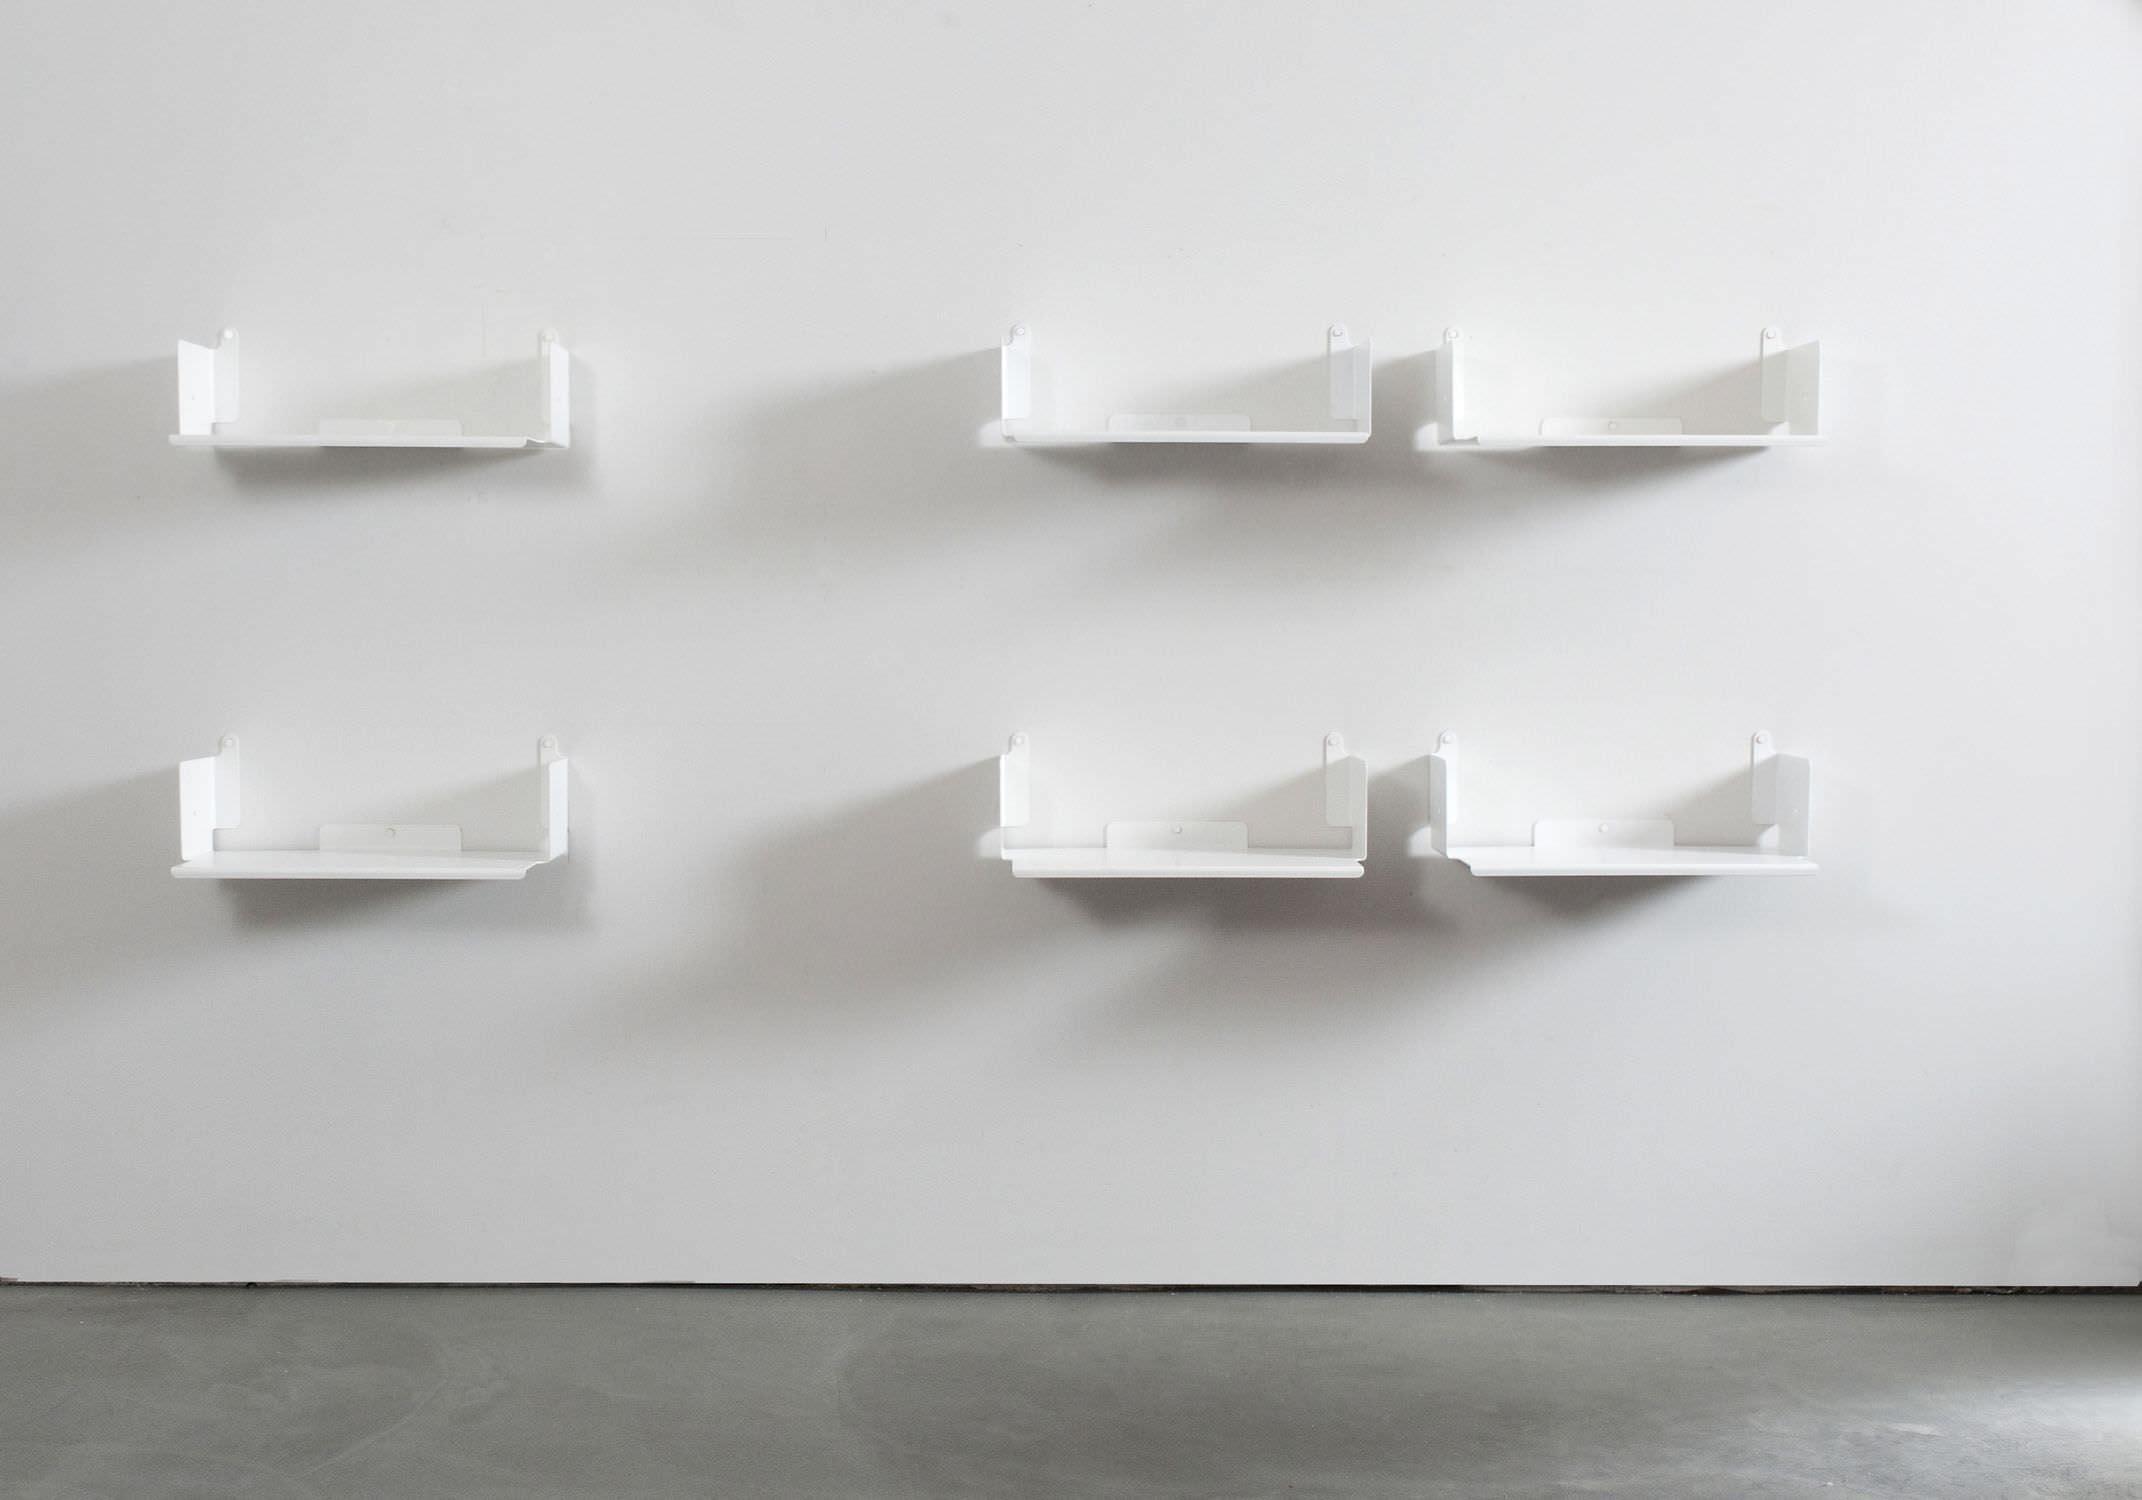 Fullsize Of White Wall Shelves For Bathroom